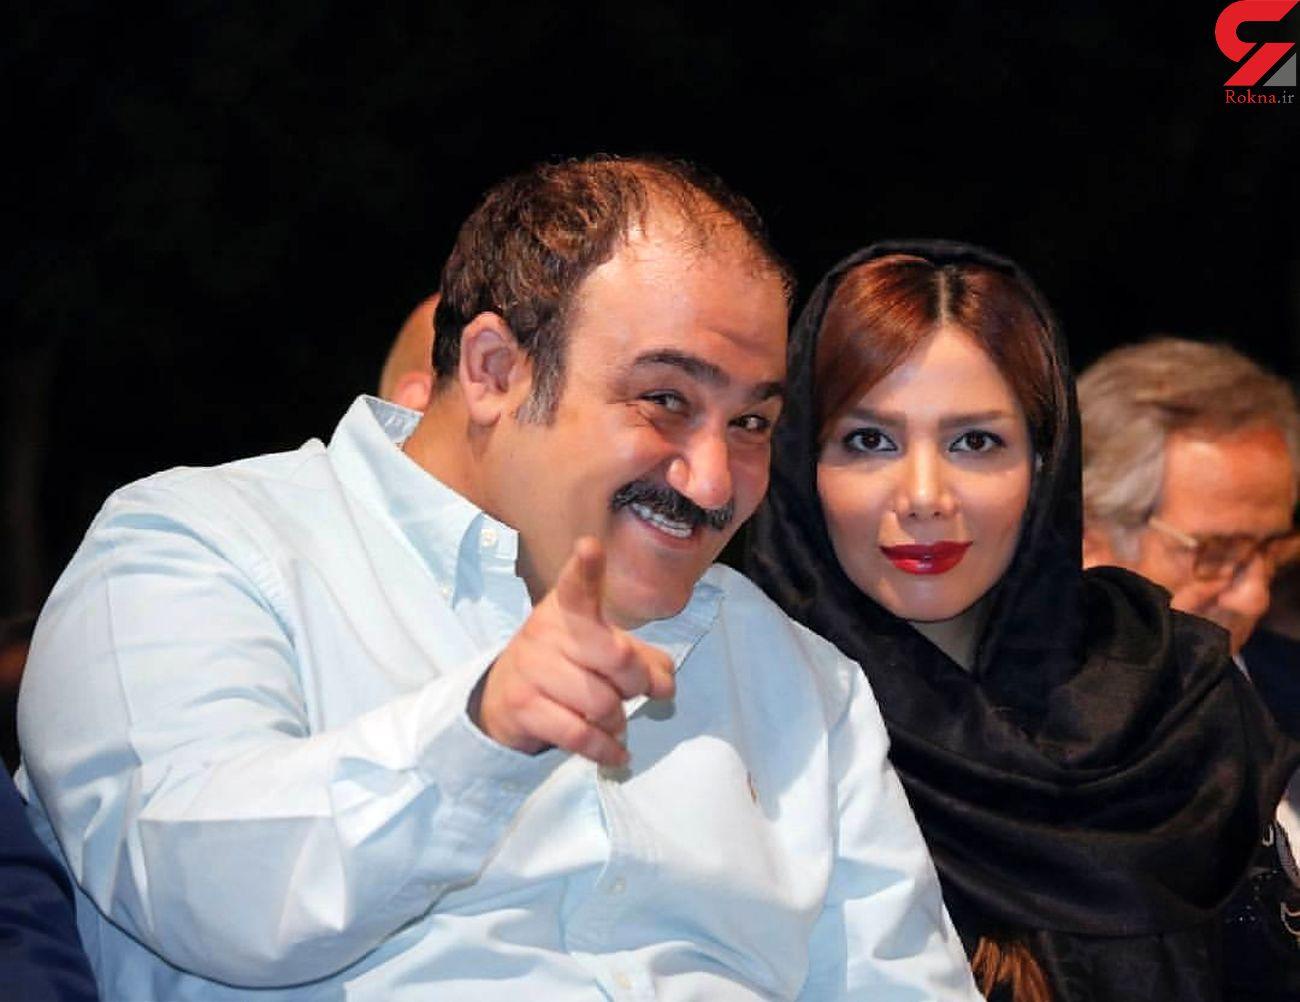 عکس مهران غفوریان و مادرش پس از عمل جراحی